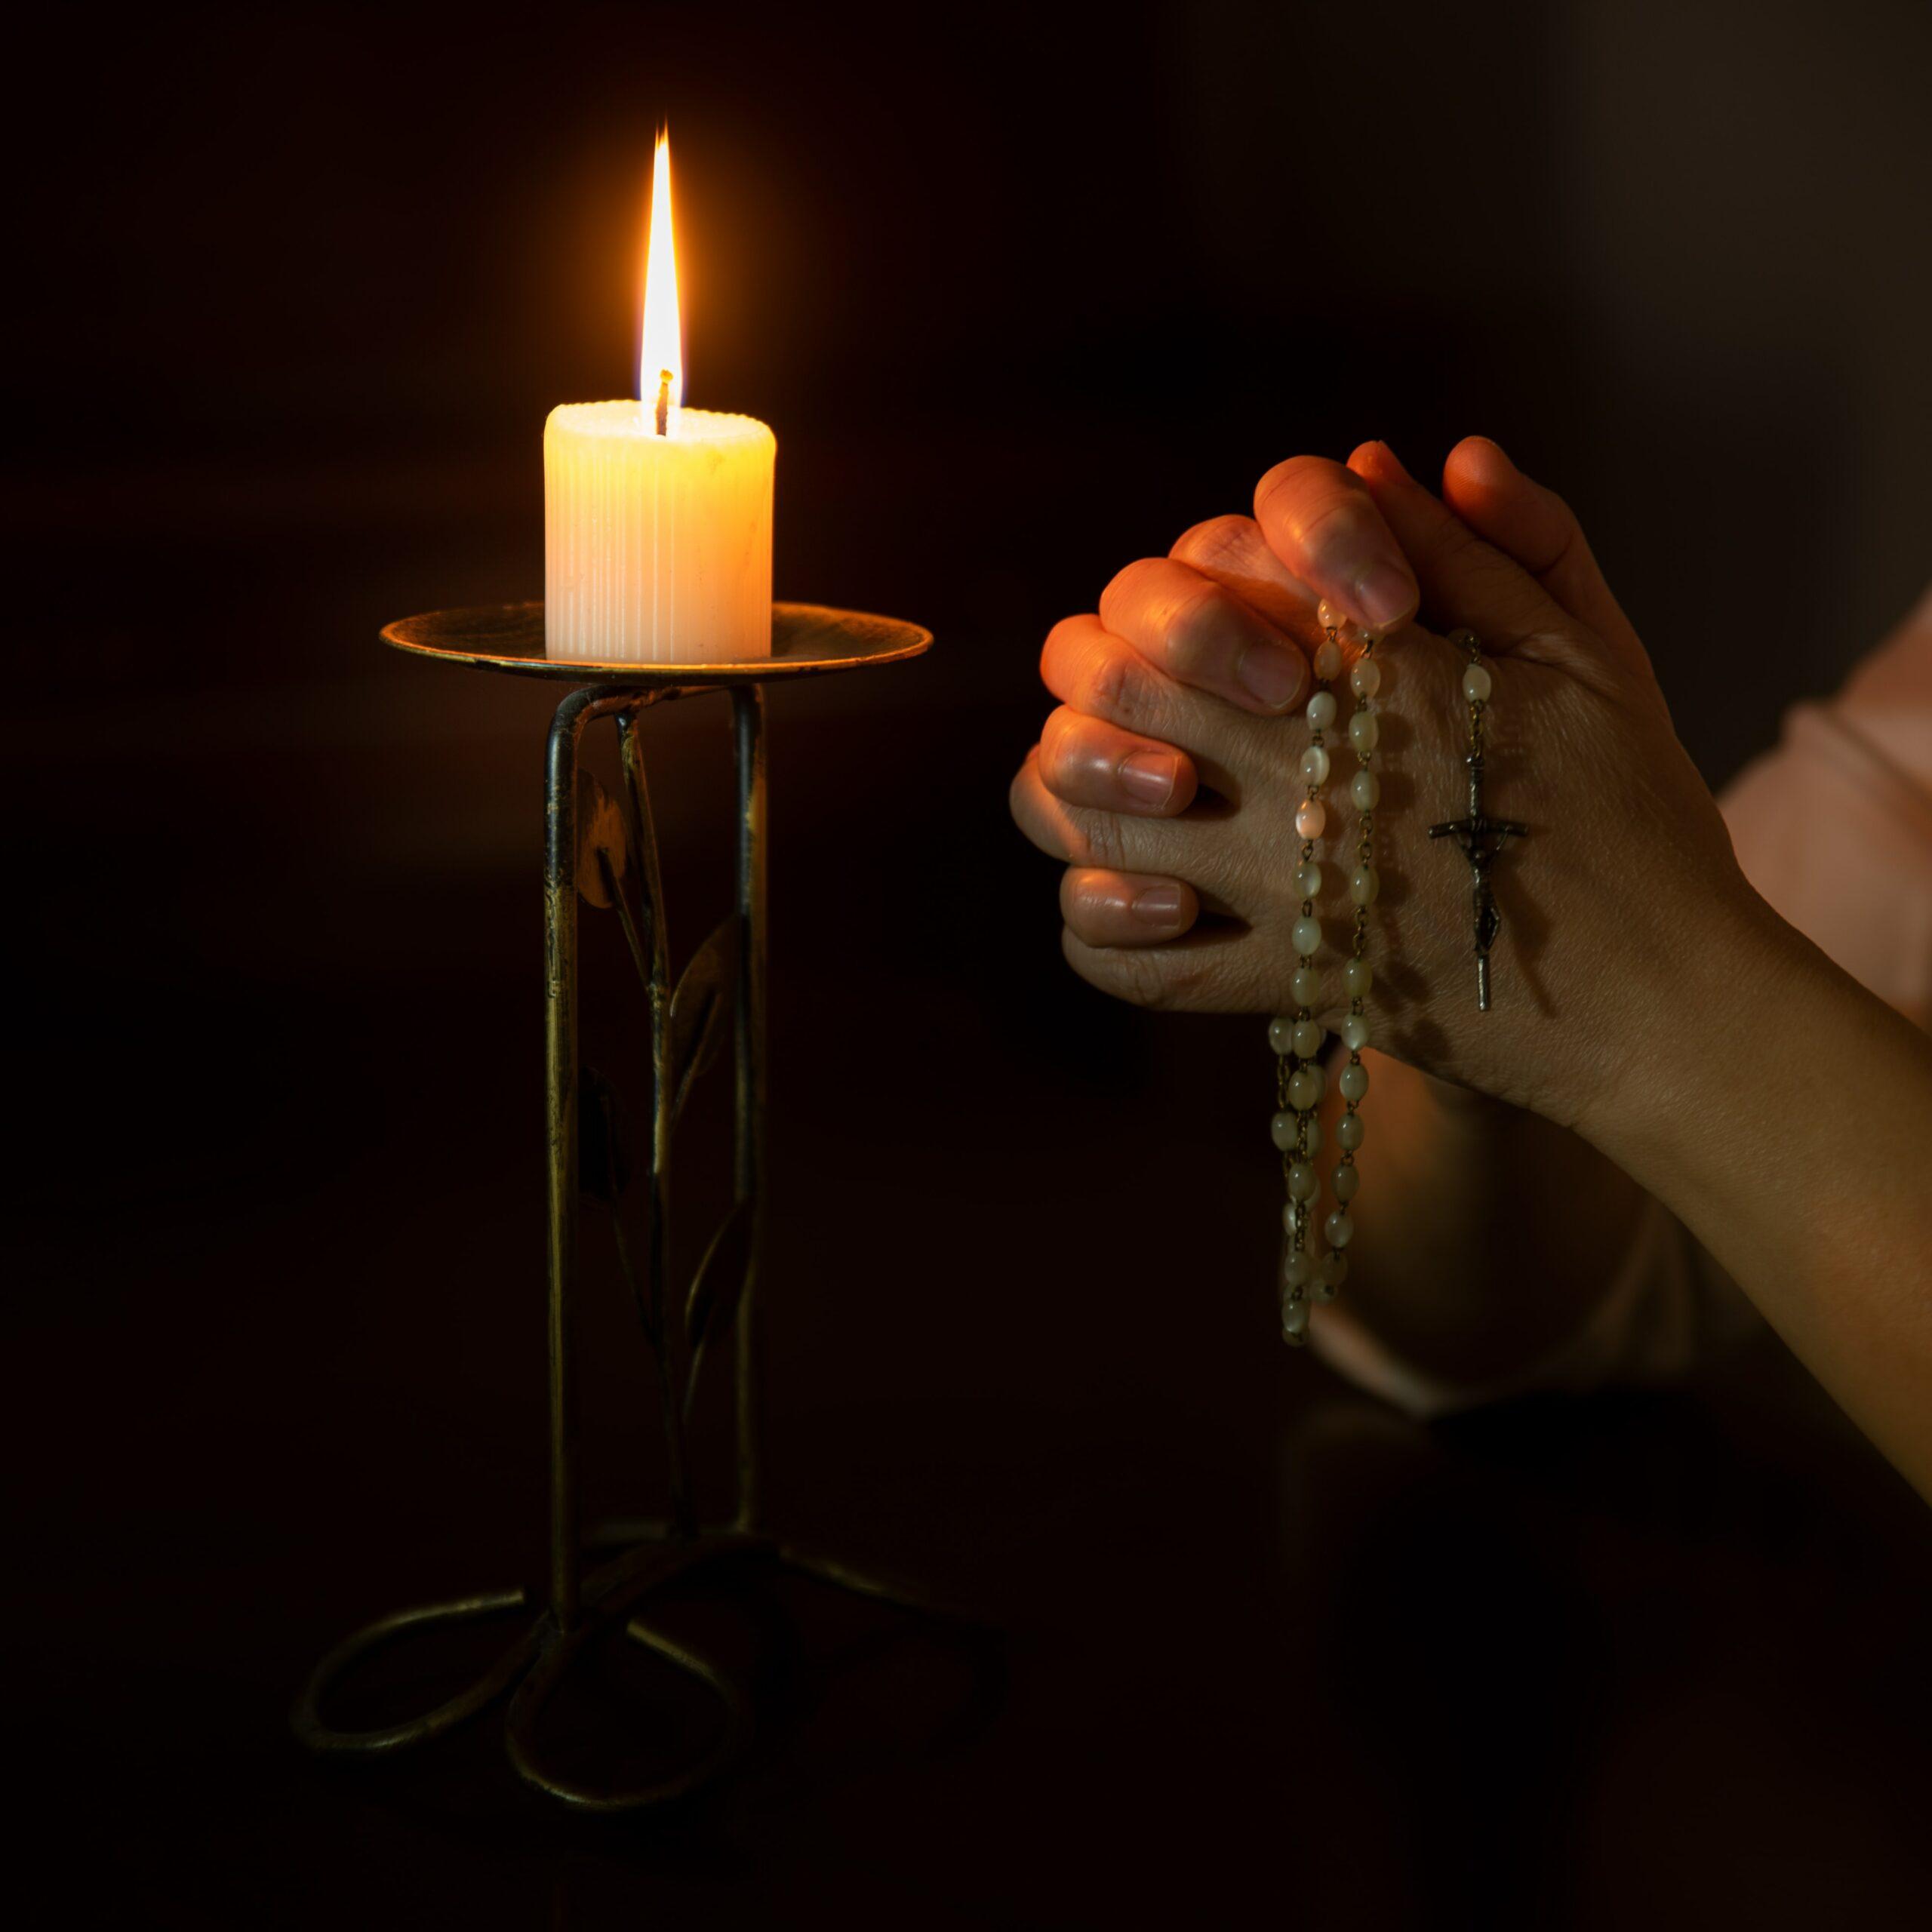 Cómo se está produciendo el Ataque a la Identidad Católica [¿cómo podemos resistirlo?]